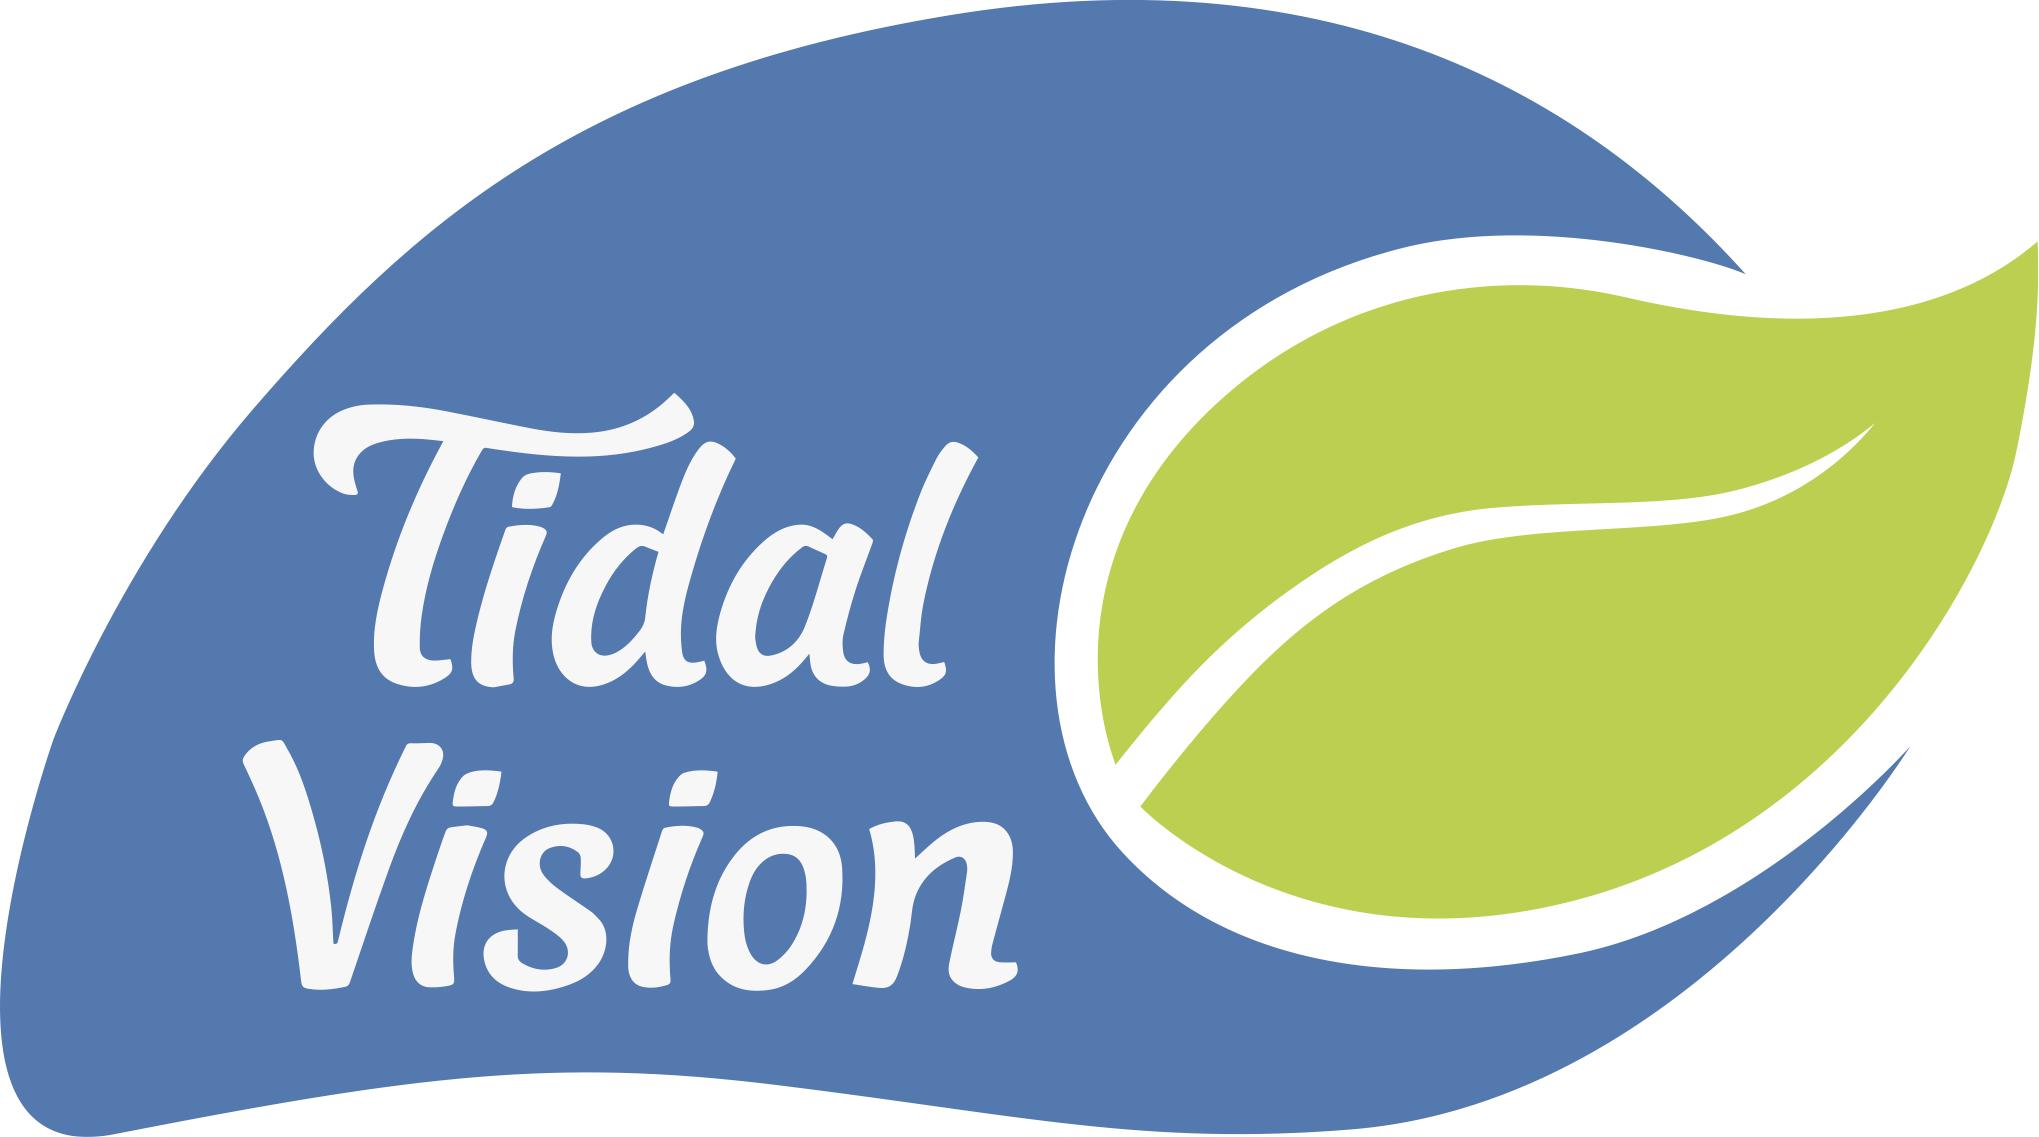 Tidal-Vision-Logo-2.0-Slogan-Blue-No-Border.png